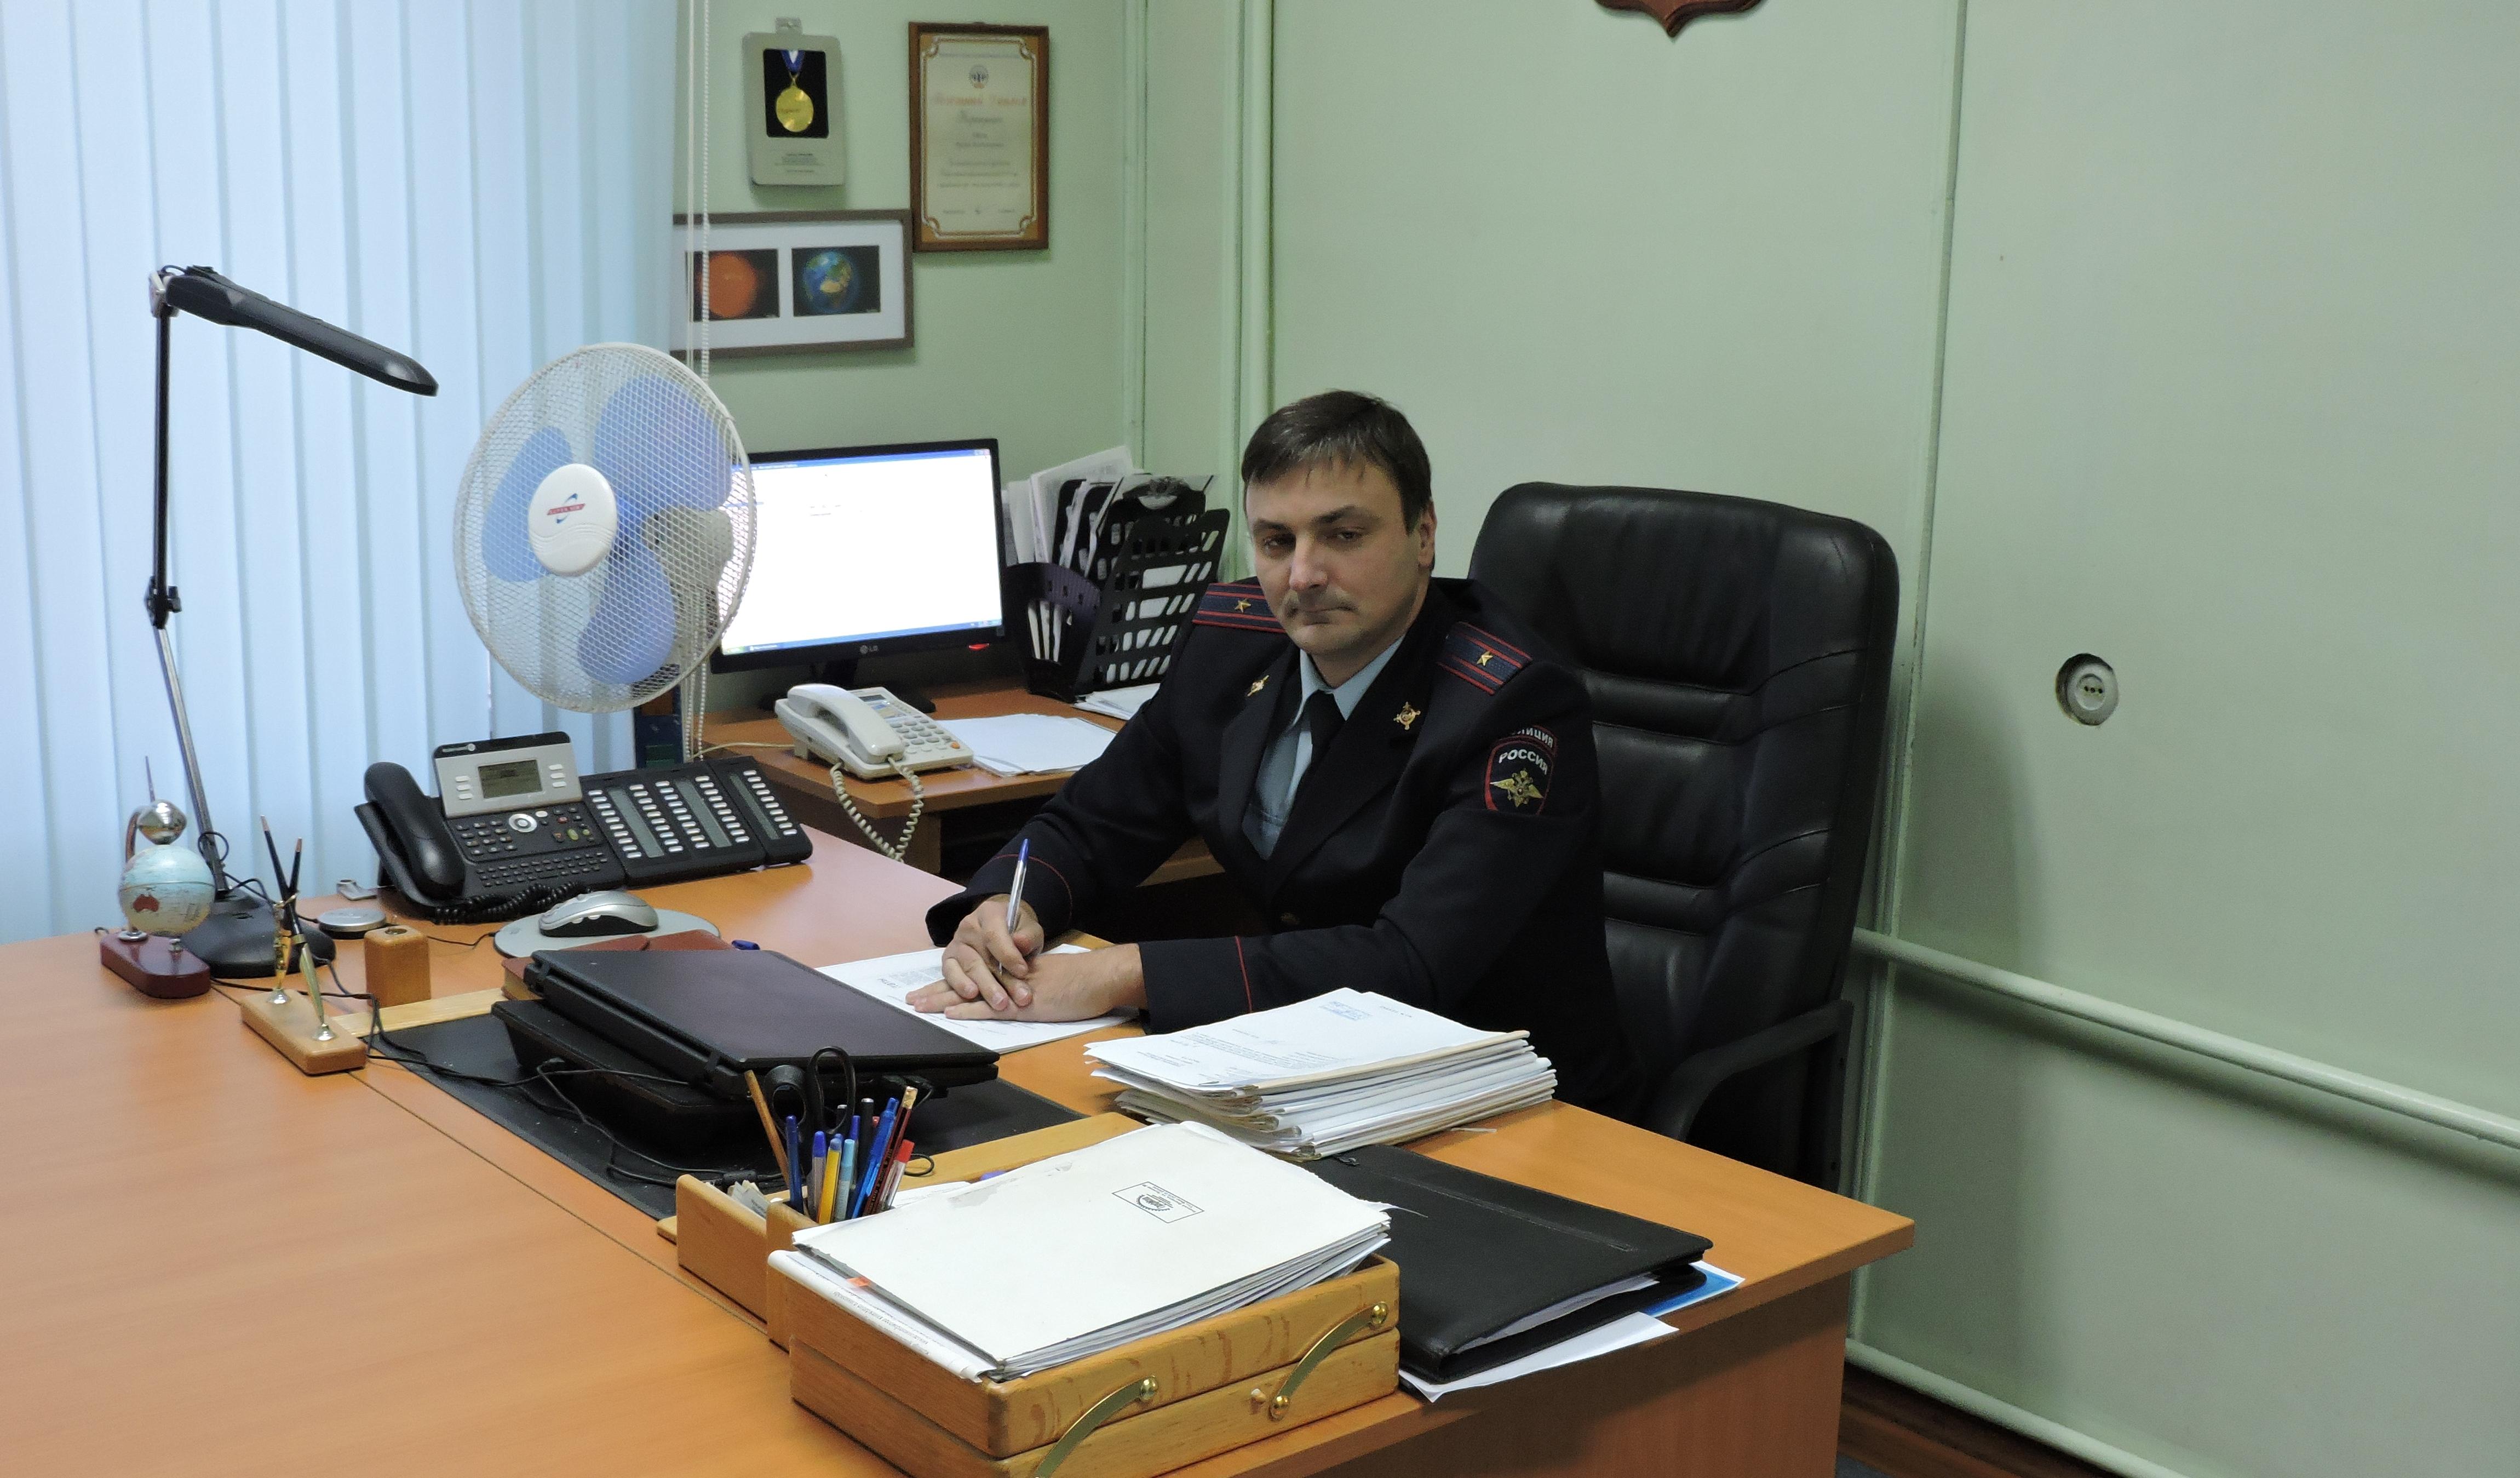 Начальник отдела полиции Руслан Барсук. Фото из архива отдела